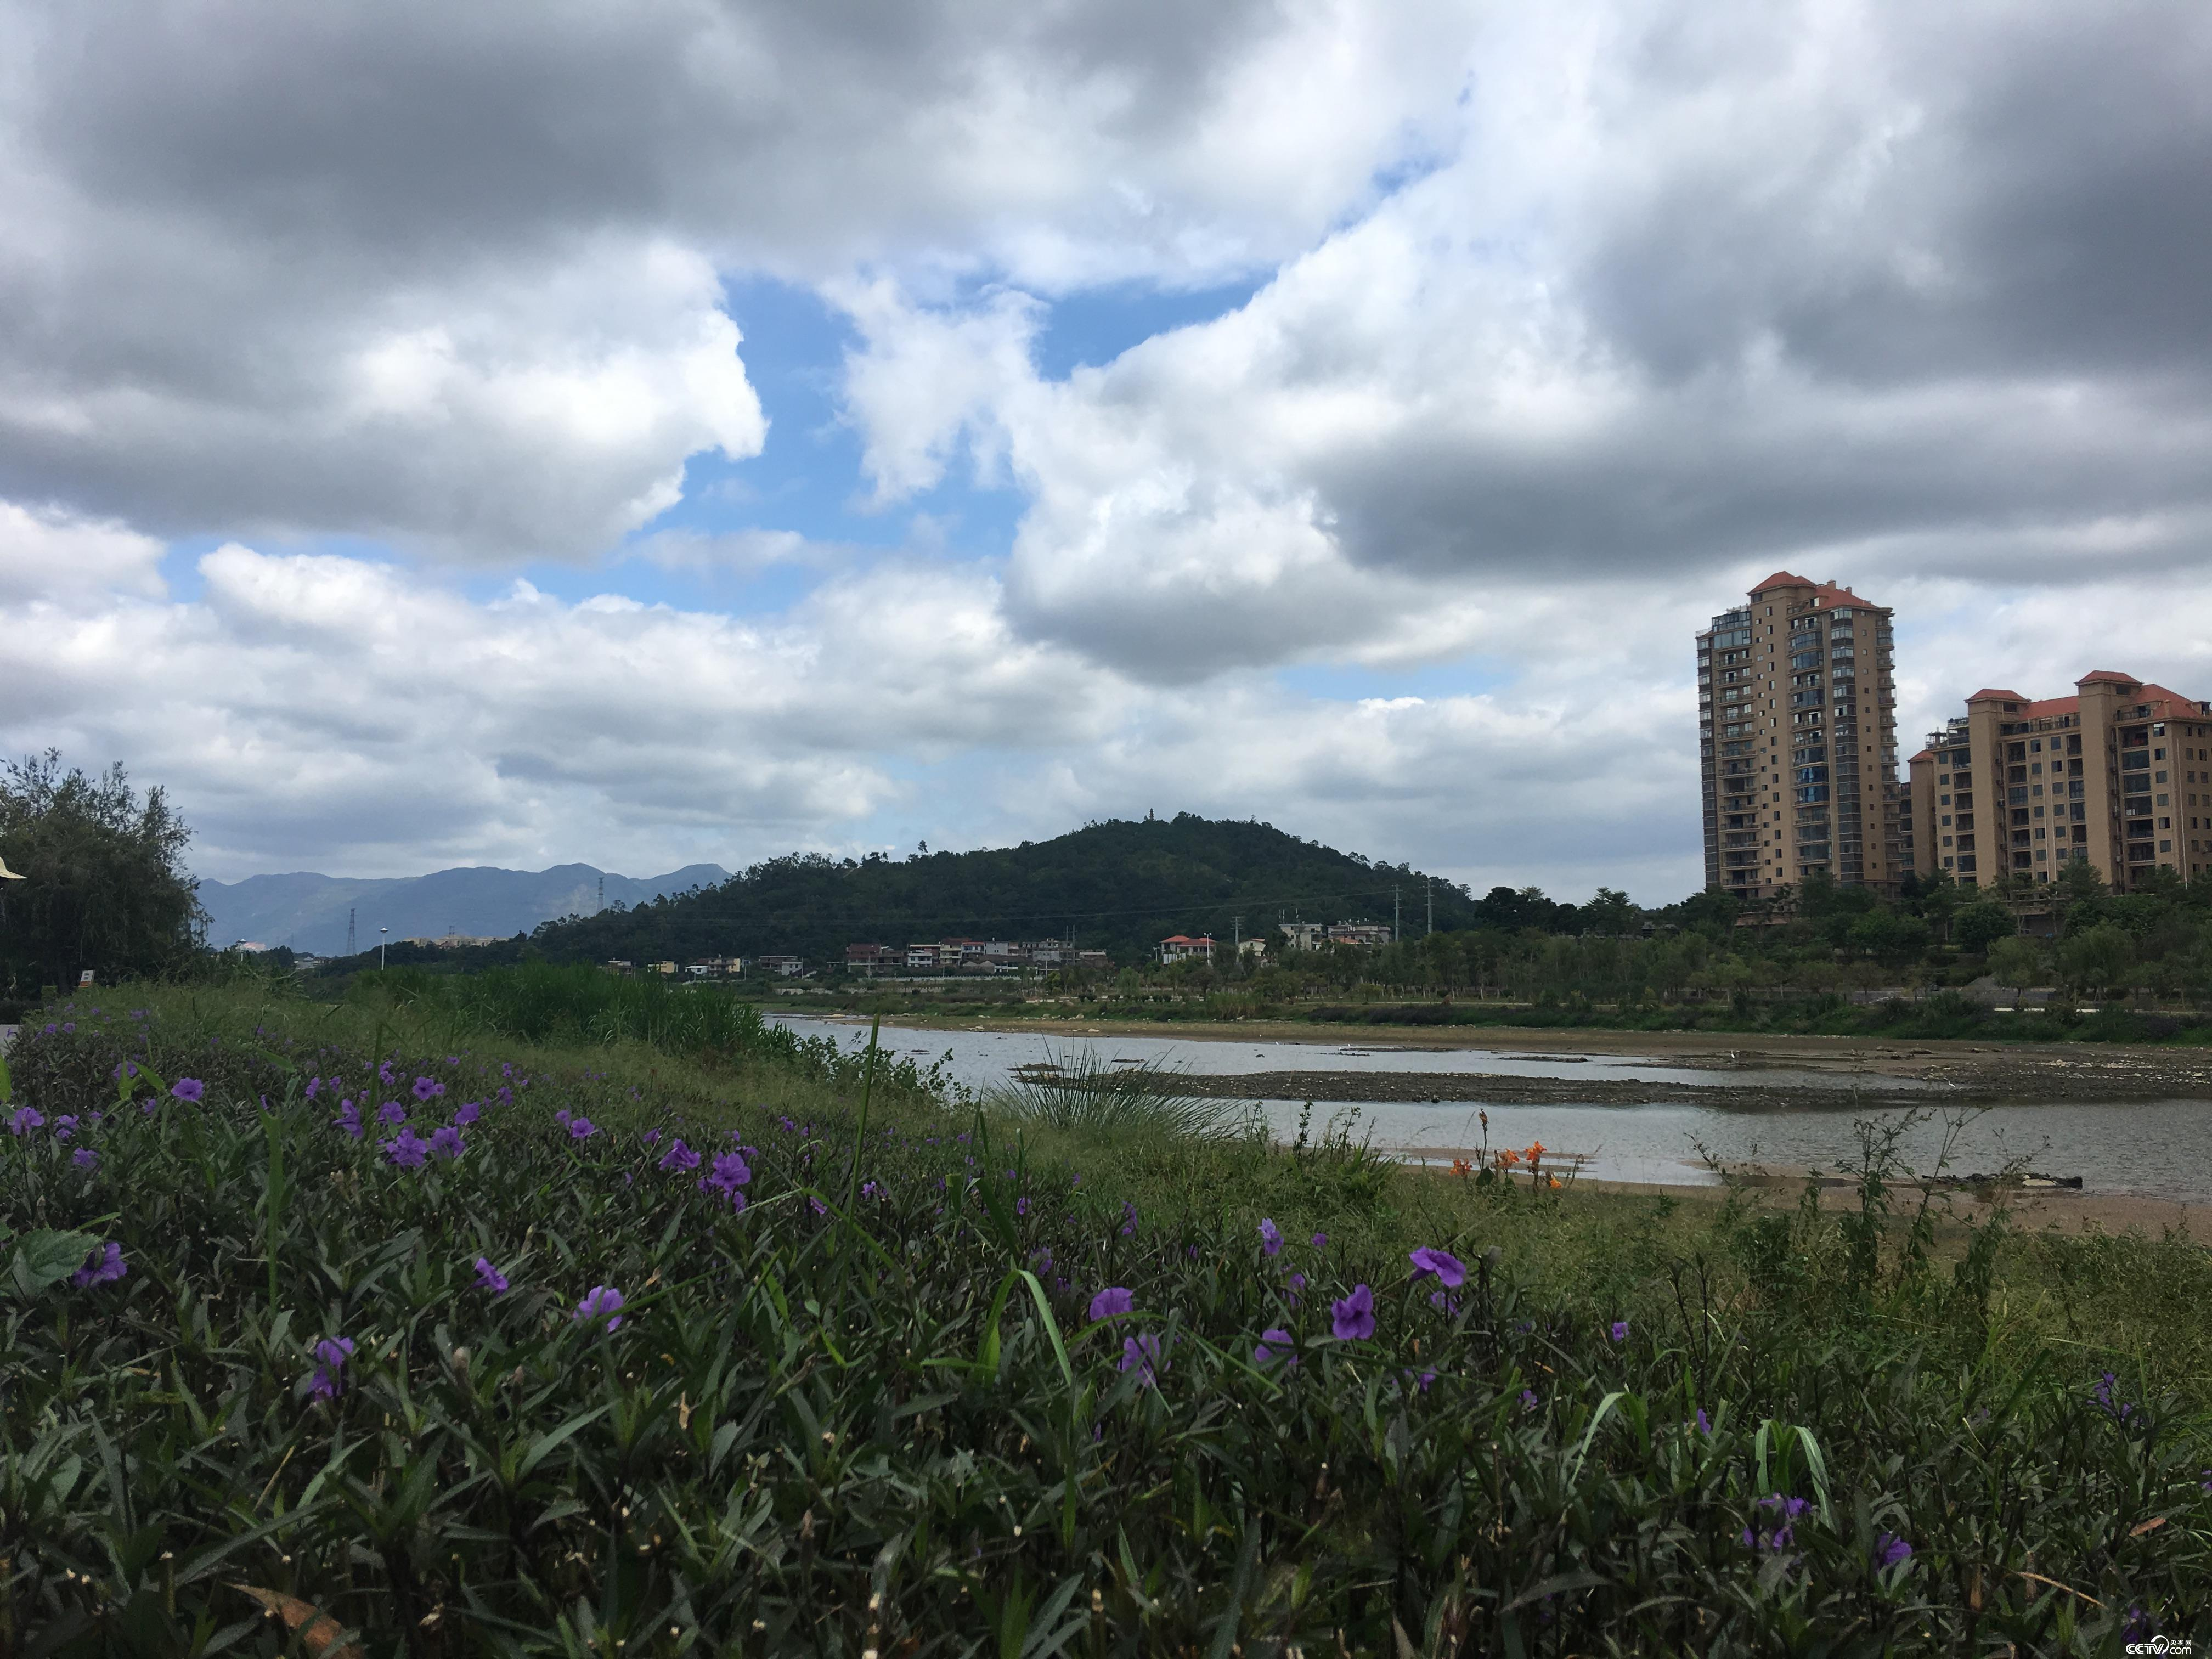 莆田人民的母亲河木兰溪两岸花红柳绿,成为休闲好去处。(摄/徐辉)